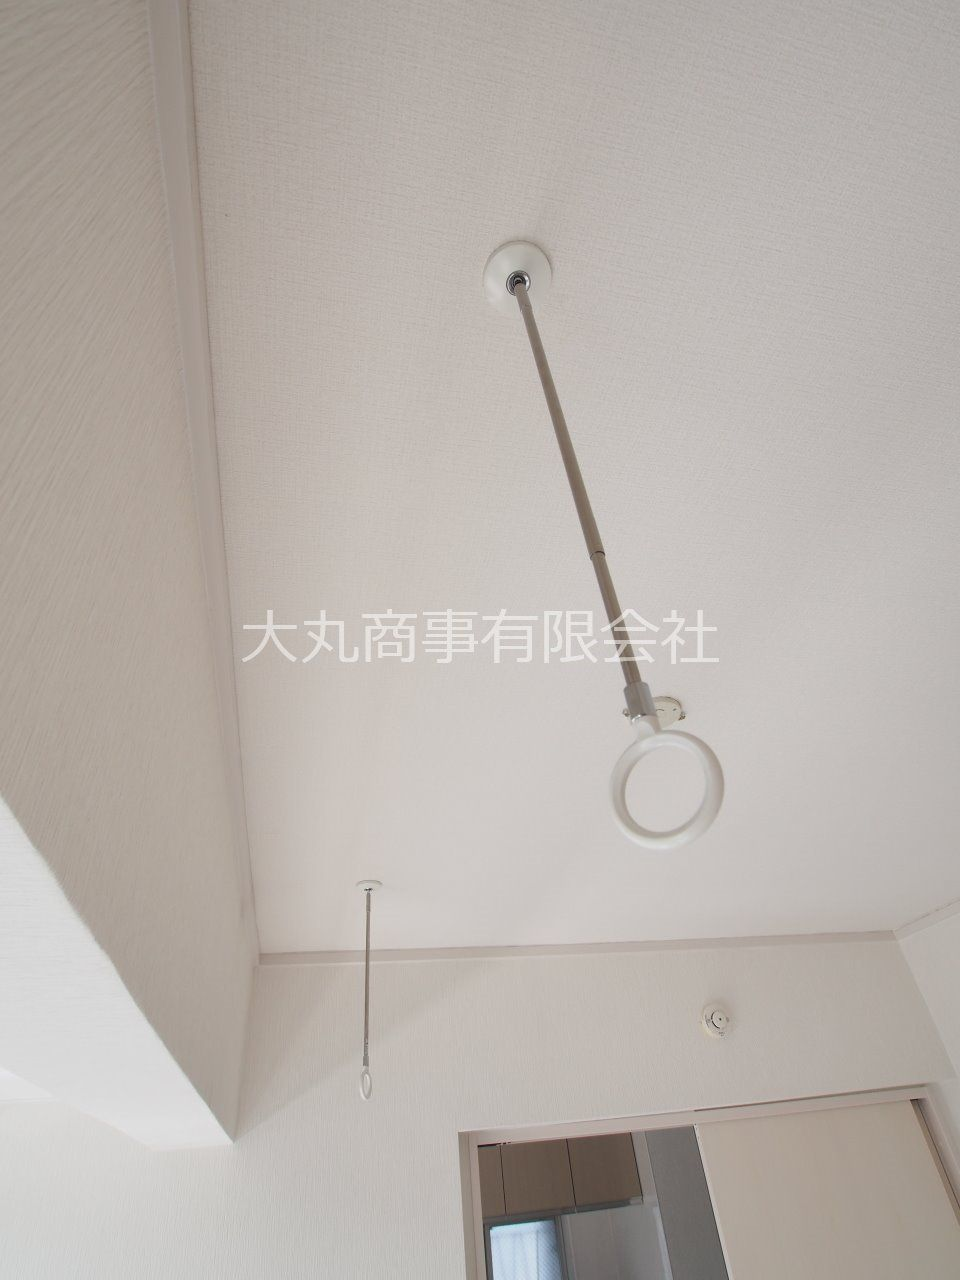 南側洋室に設置。物干竿を通すと室内干しが可能になります